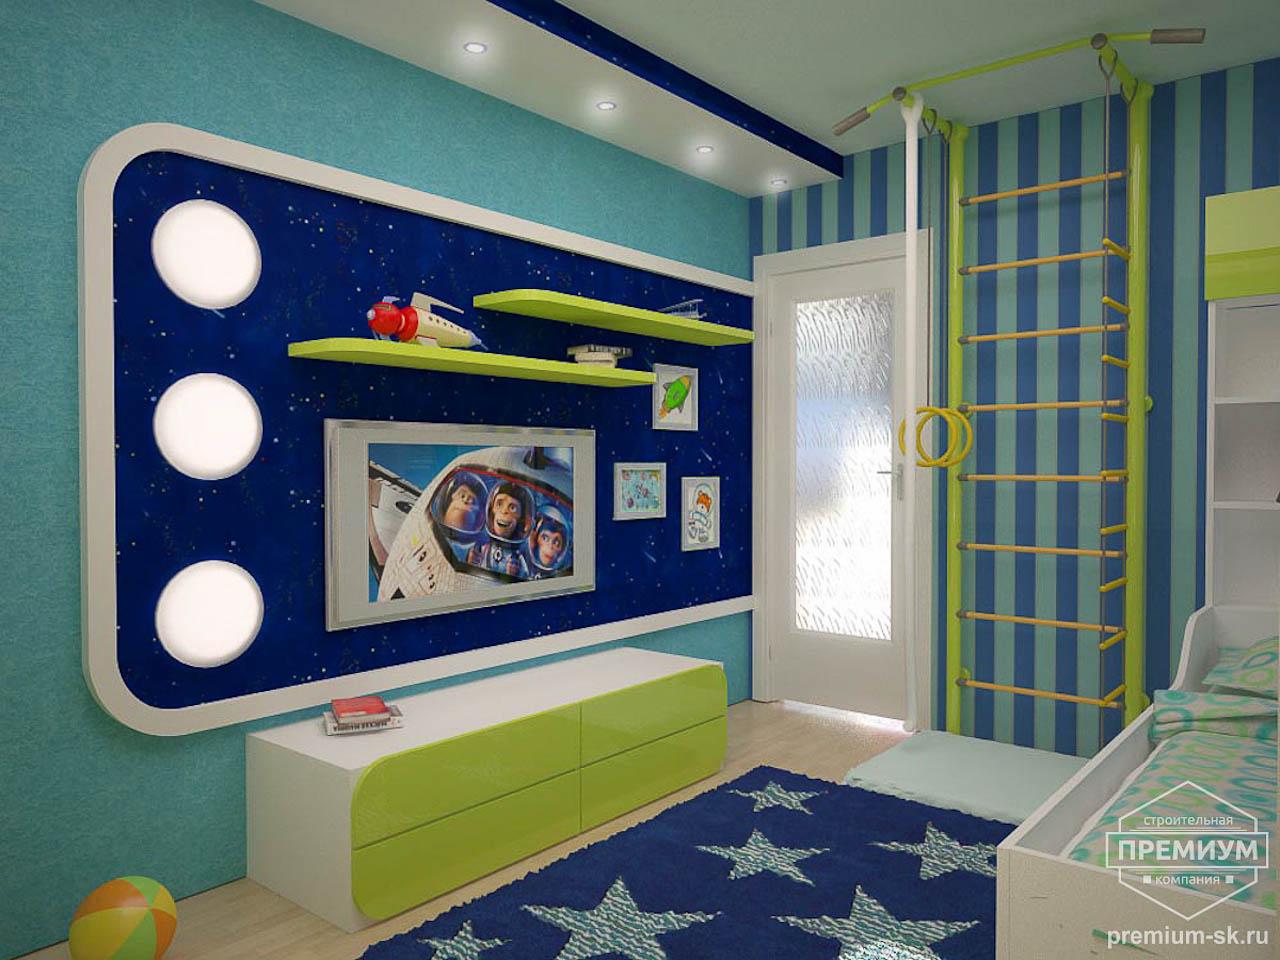 Дизайн интерьера детской по ул. Радищева 33 img1964299039